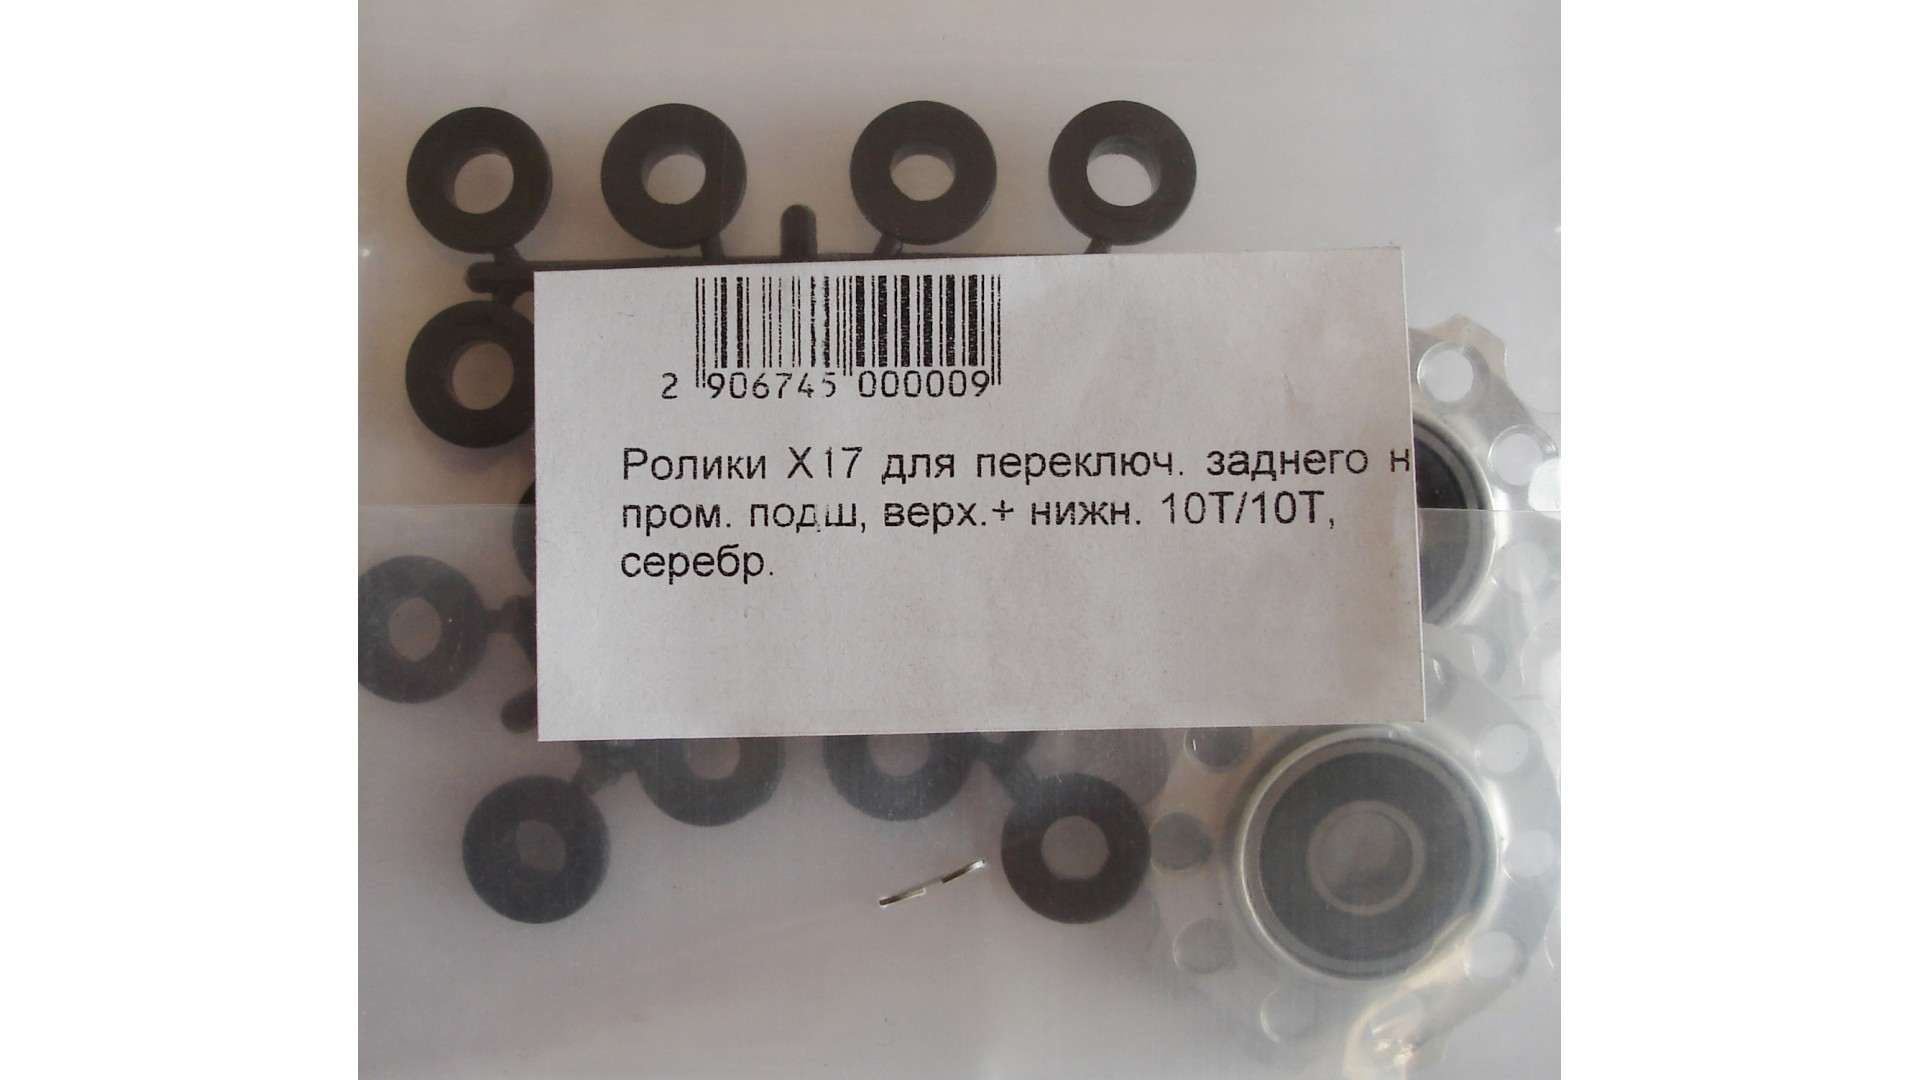 Ролики комплект к заднему переключателю X17 пром.подшипники, 10Т/10Т,верхний+нижний